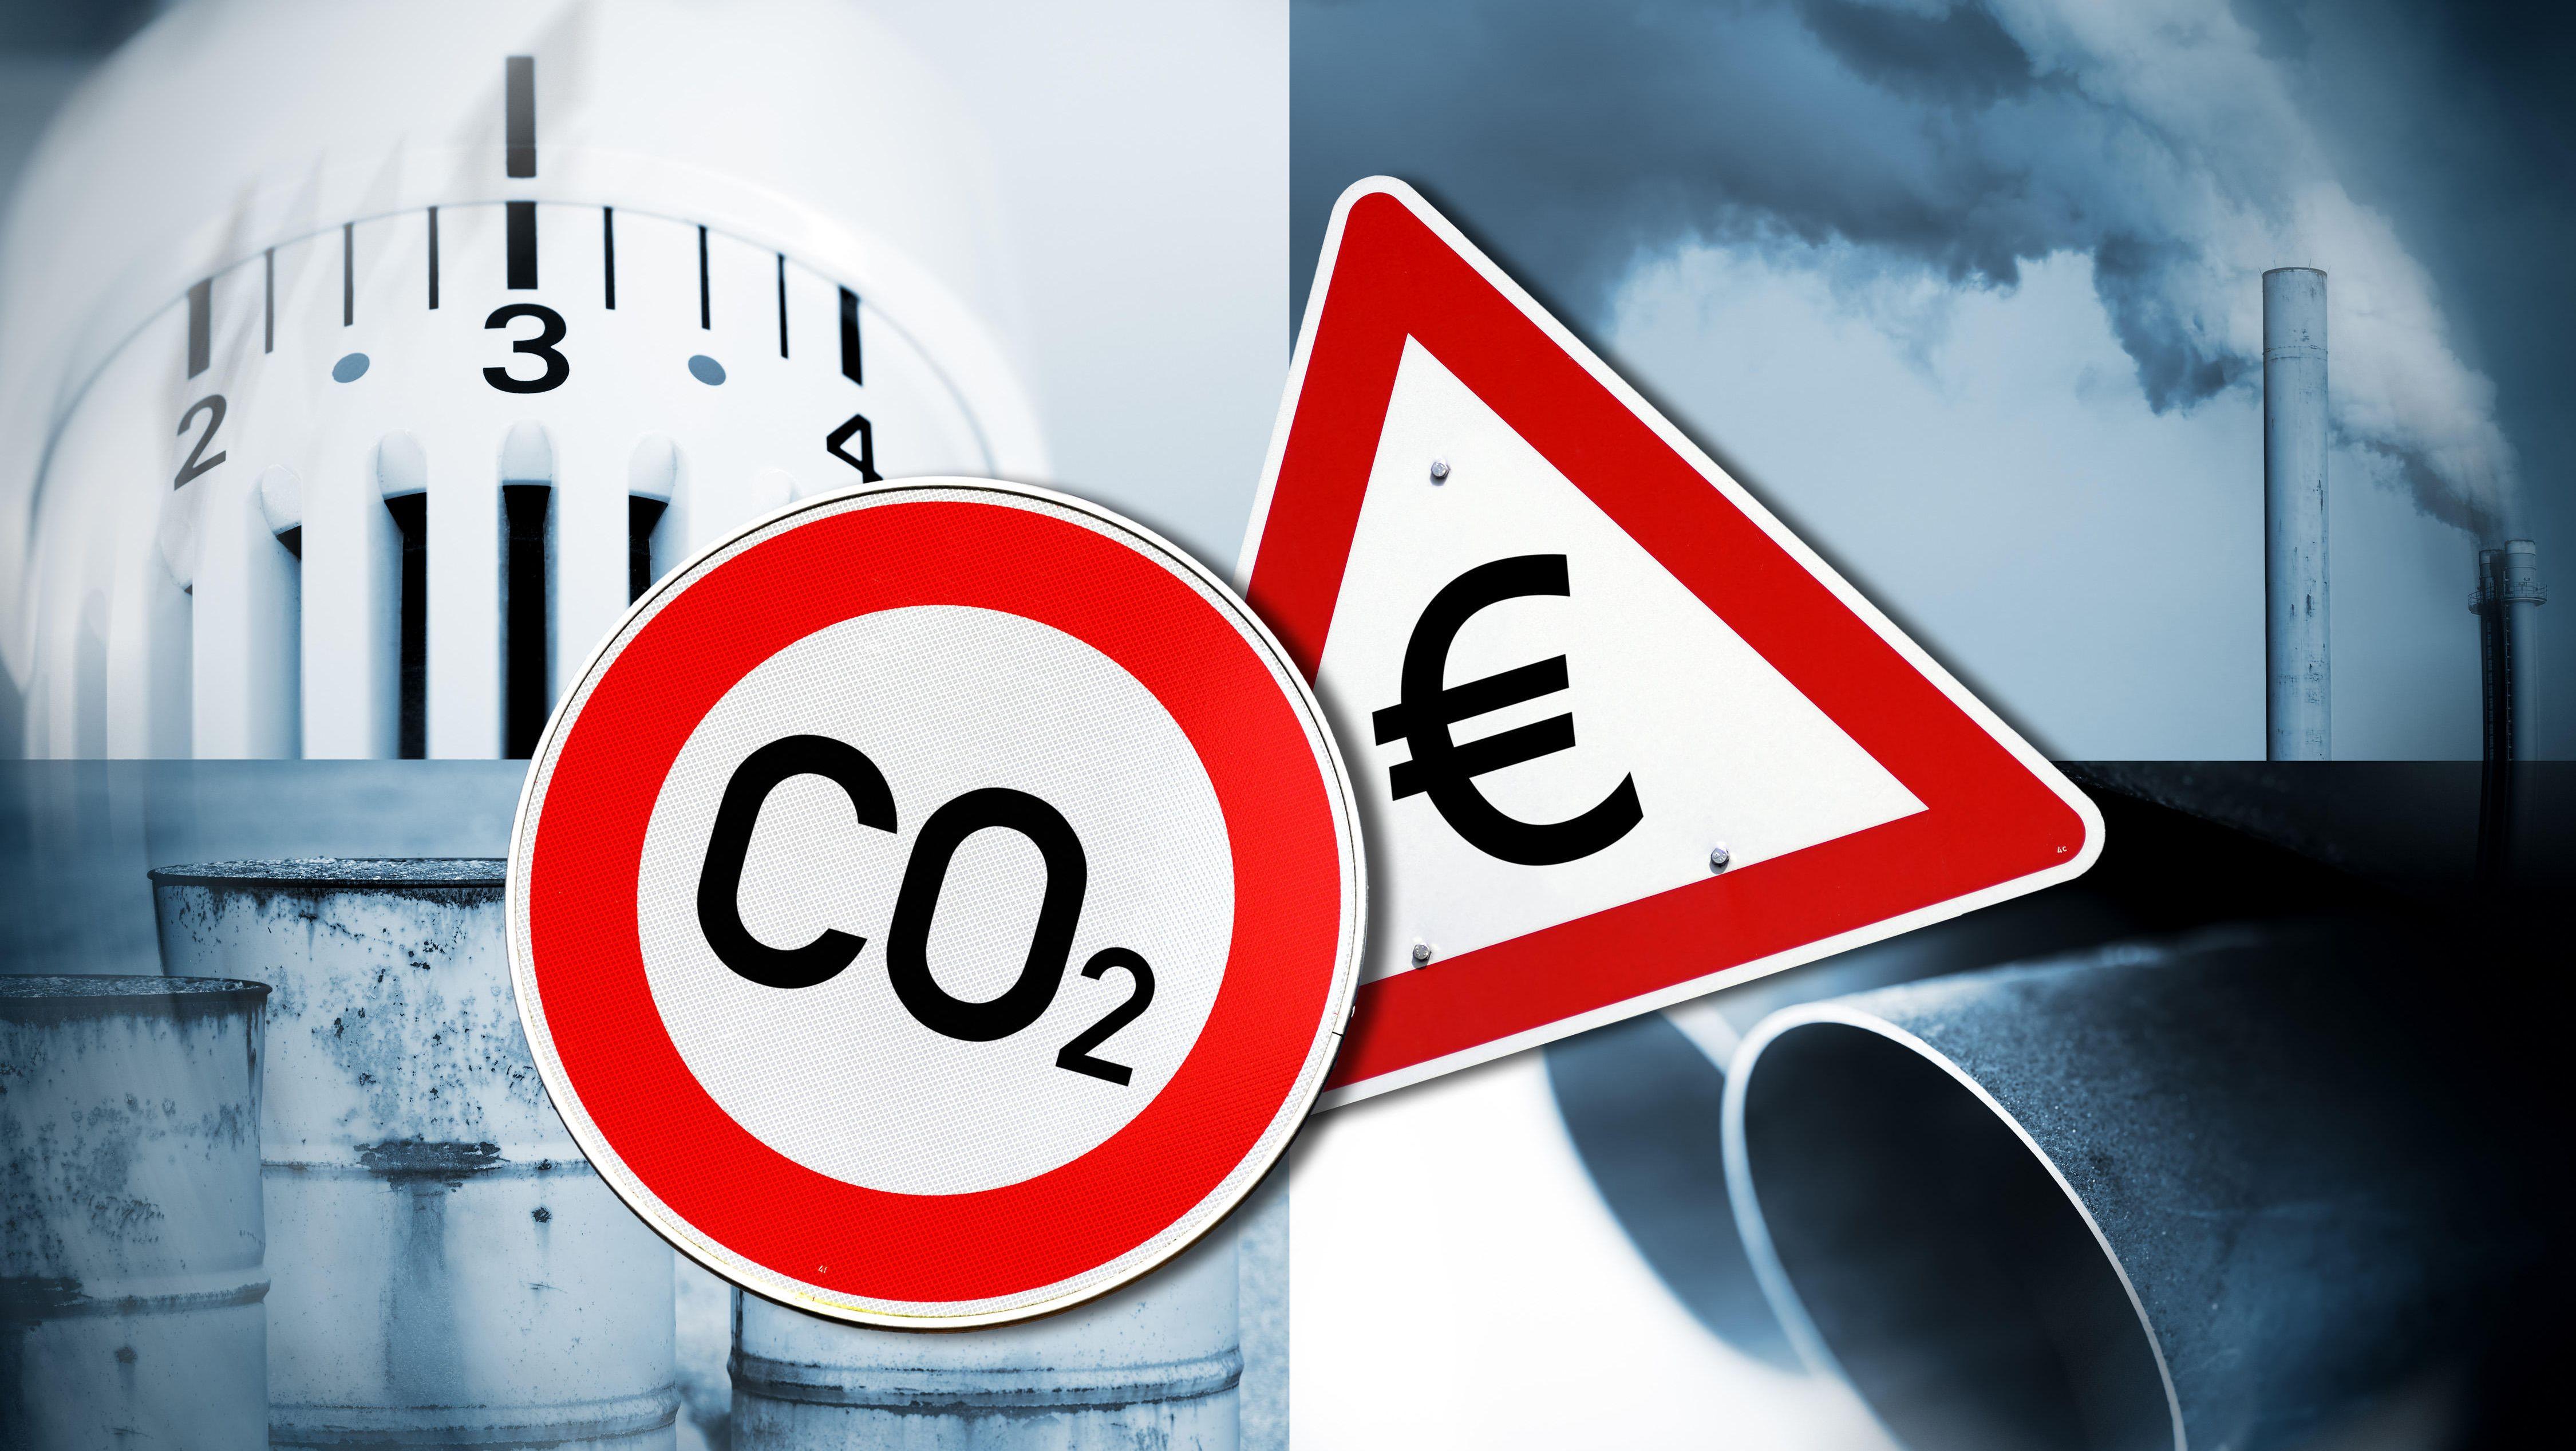 Fotomontag: CO2-Schild, Warnschild mit Eurozeichen, Heizungsthermostat, Auspuff, Heizölfässer, Schornsteine